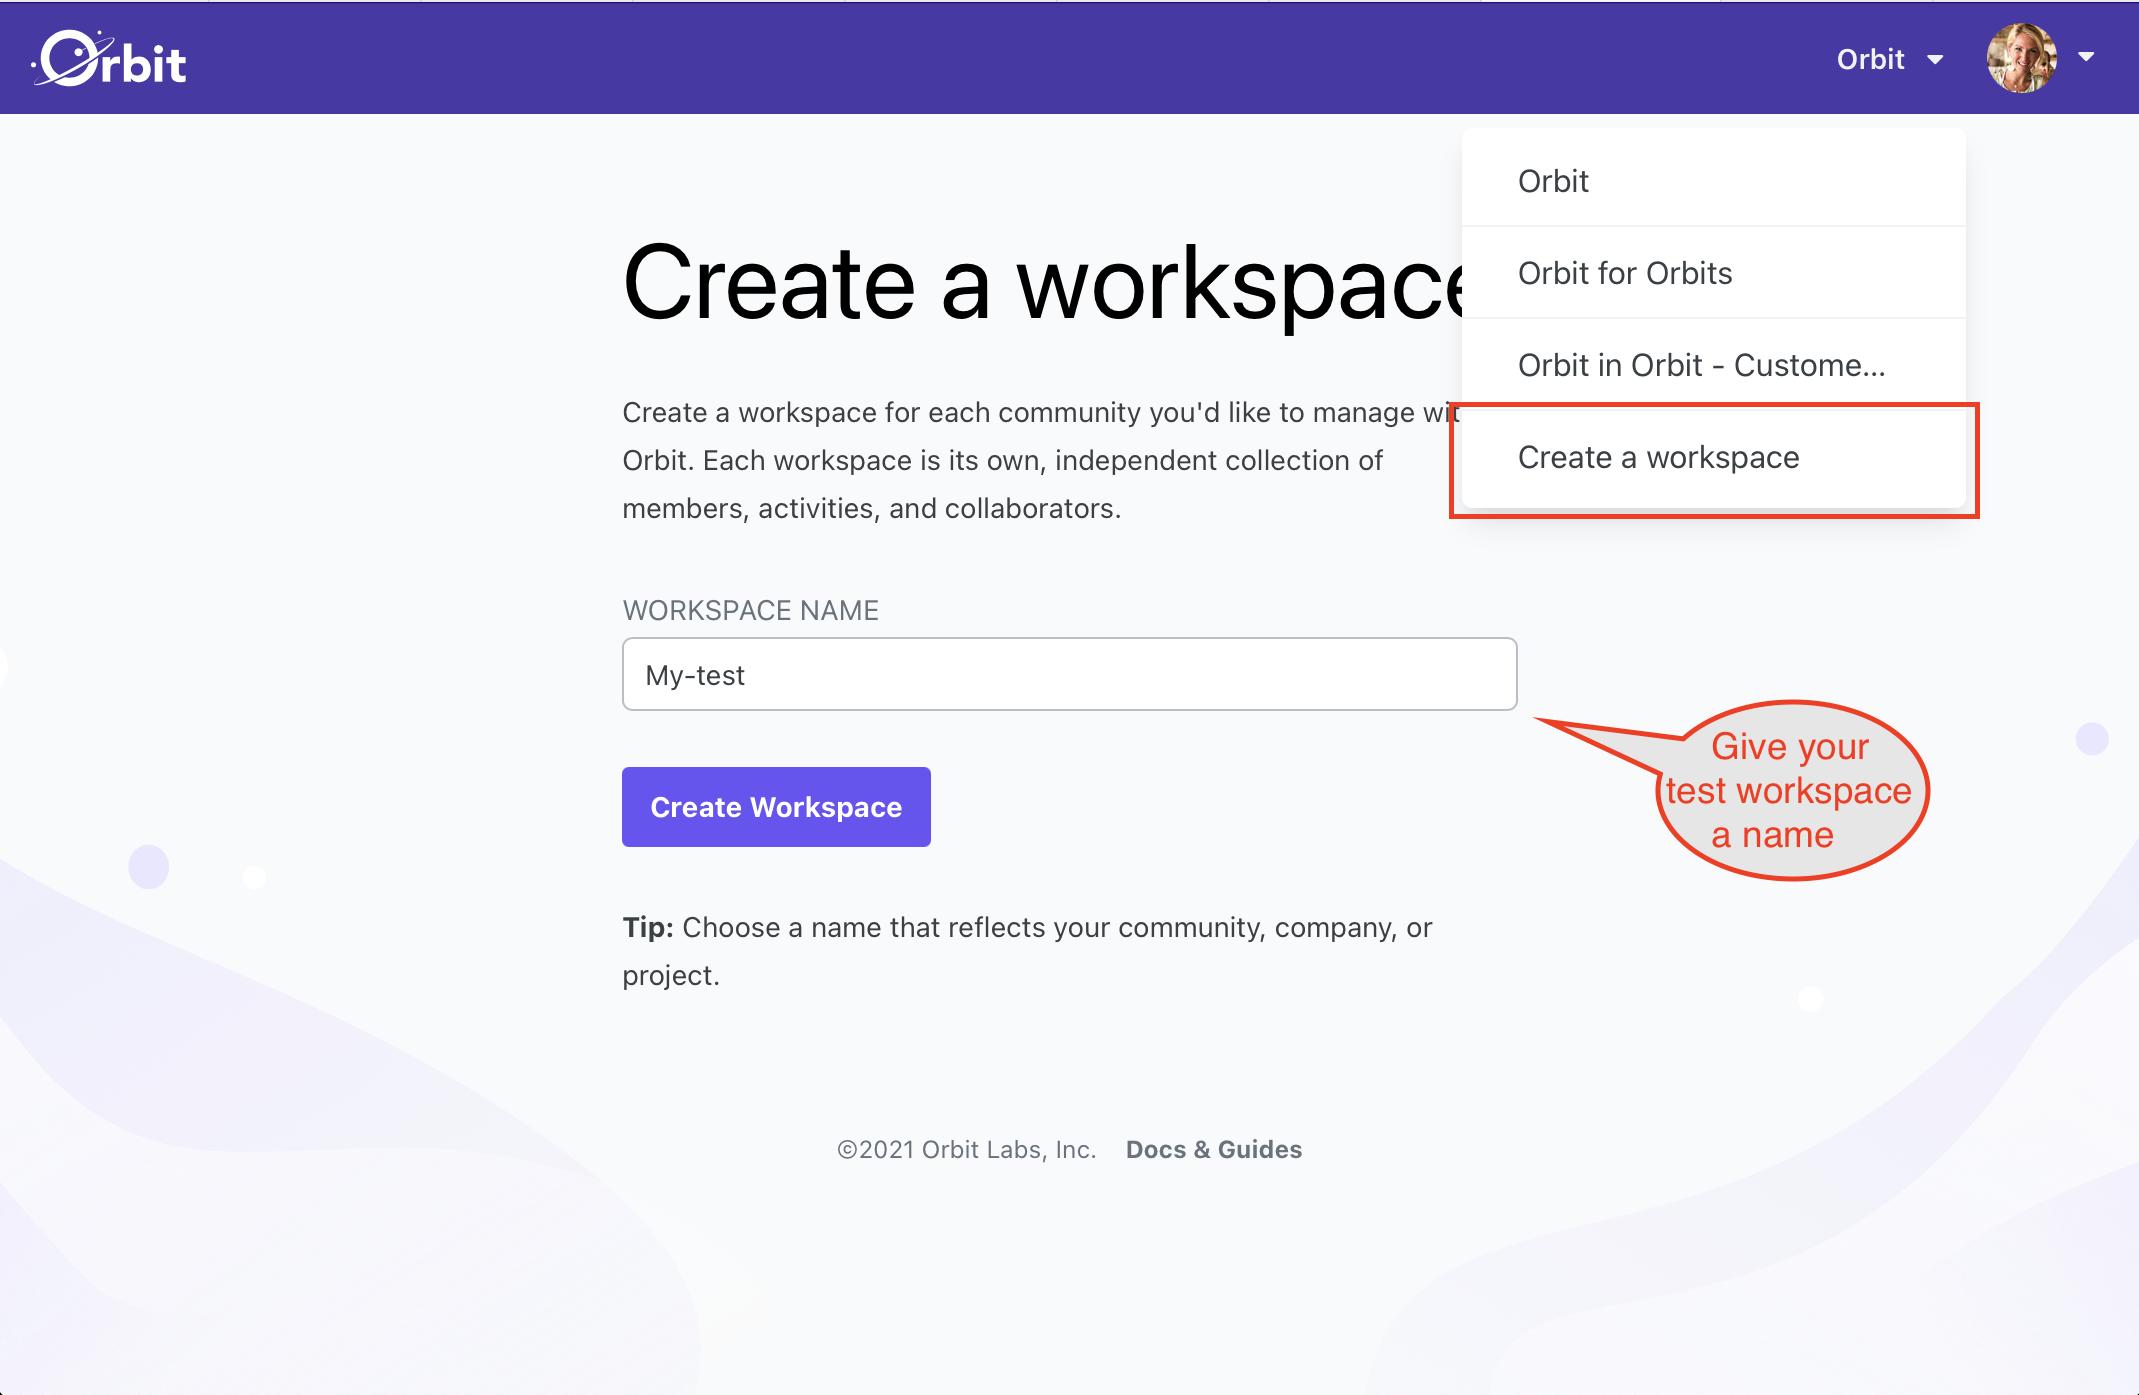 1. Create a workspace